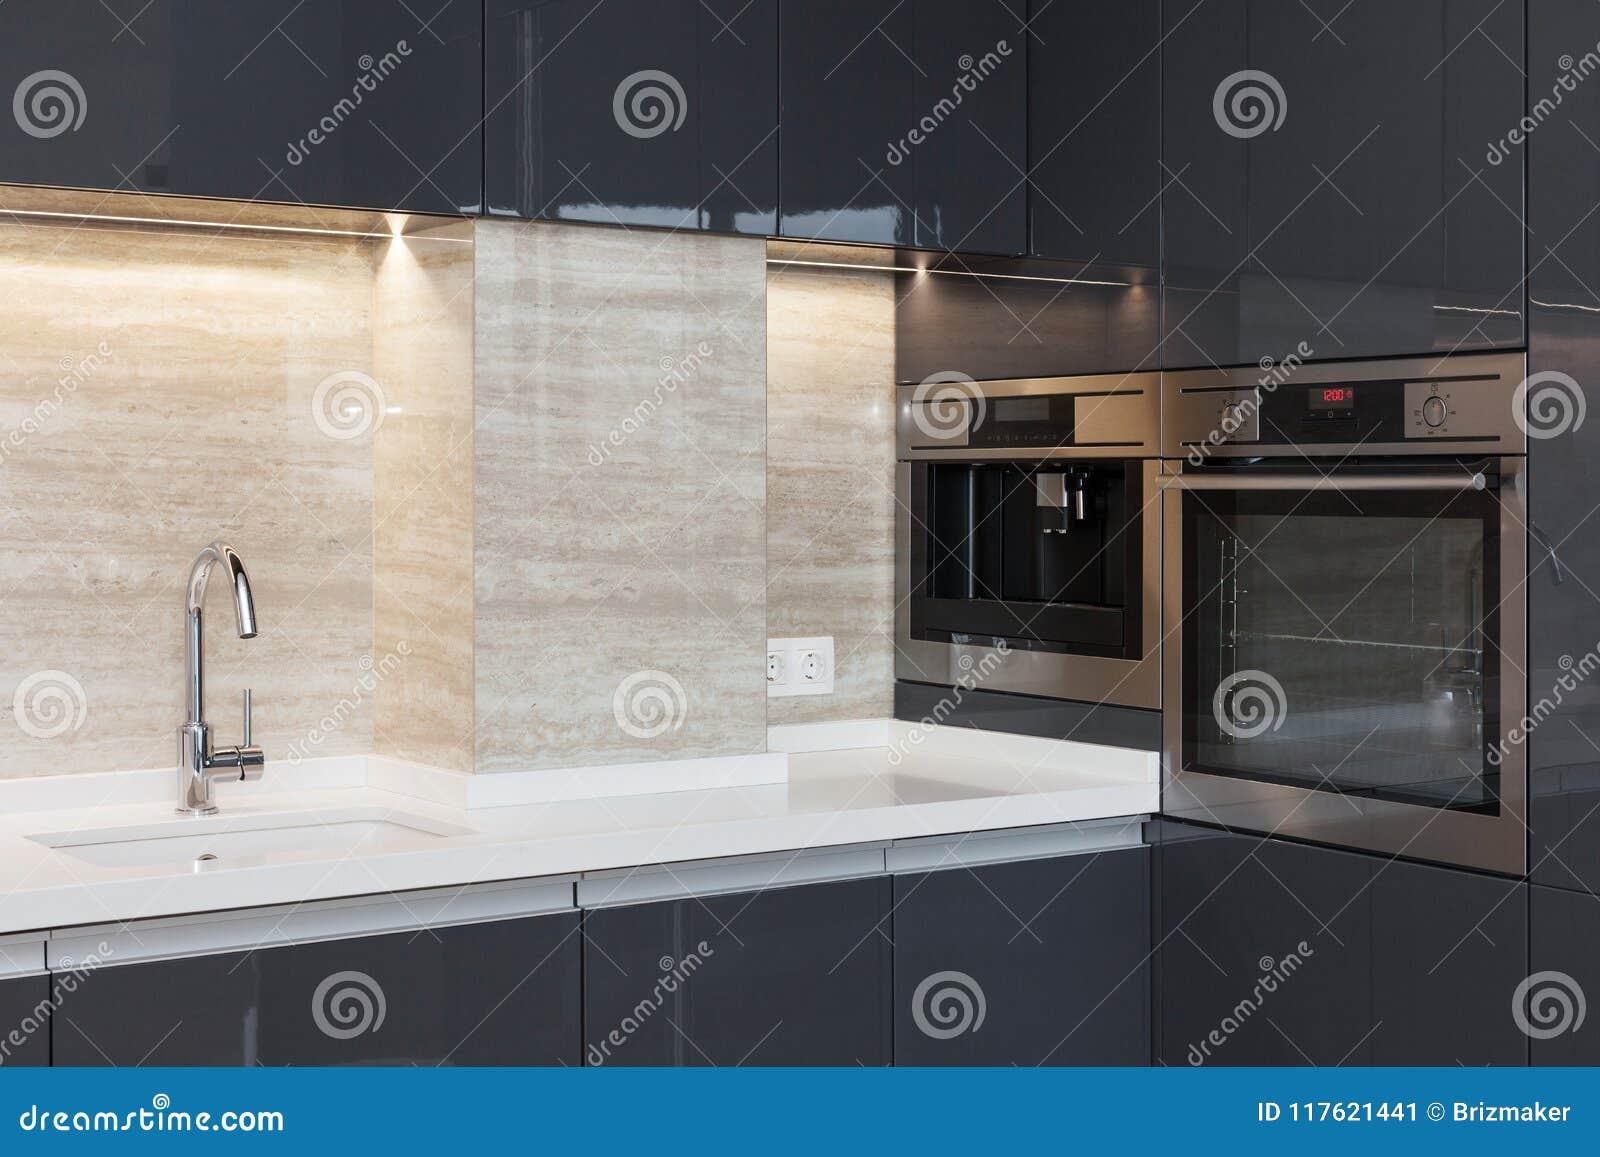 Plan De Travail Chrome nouvelle cuisine moderne avec construit dans le robinet d